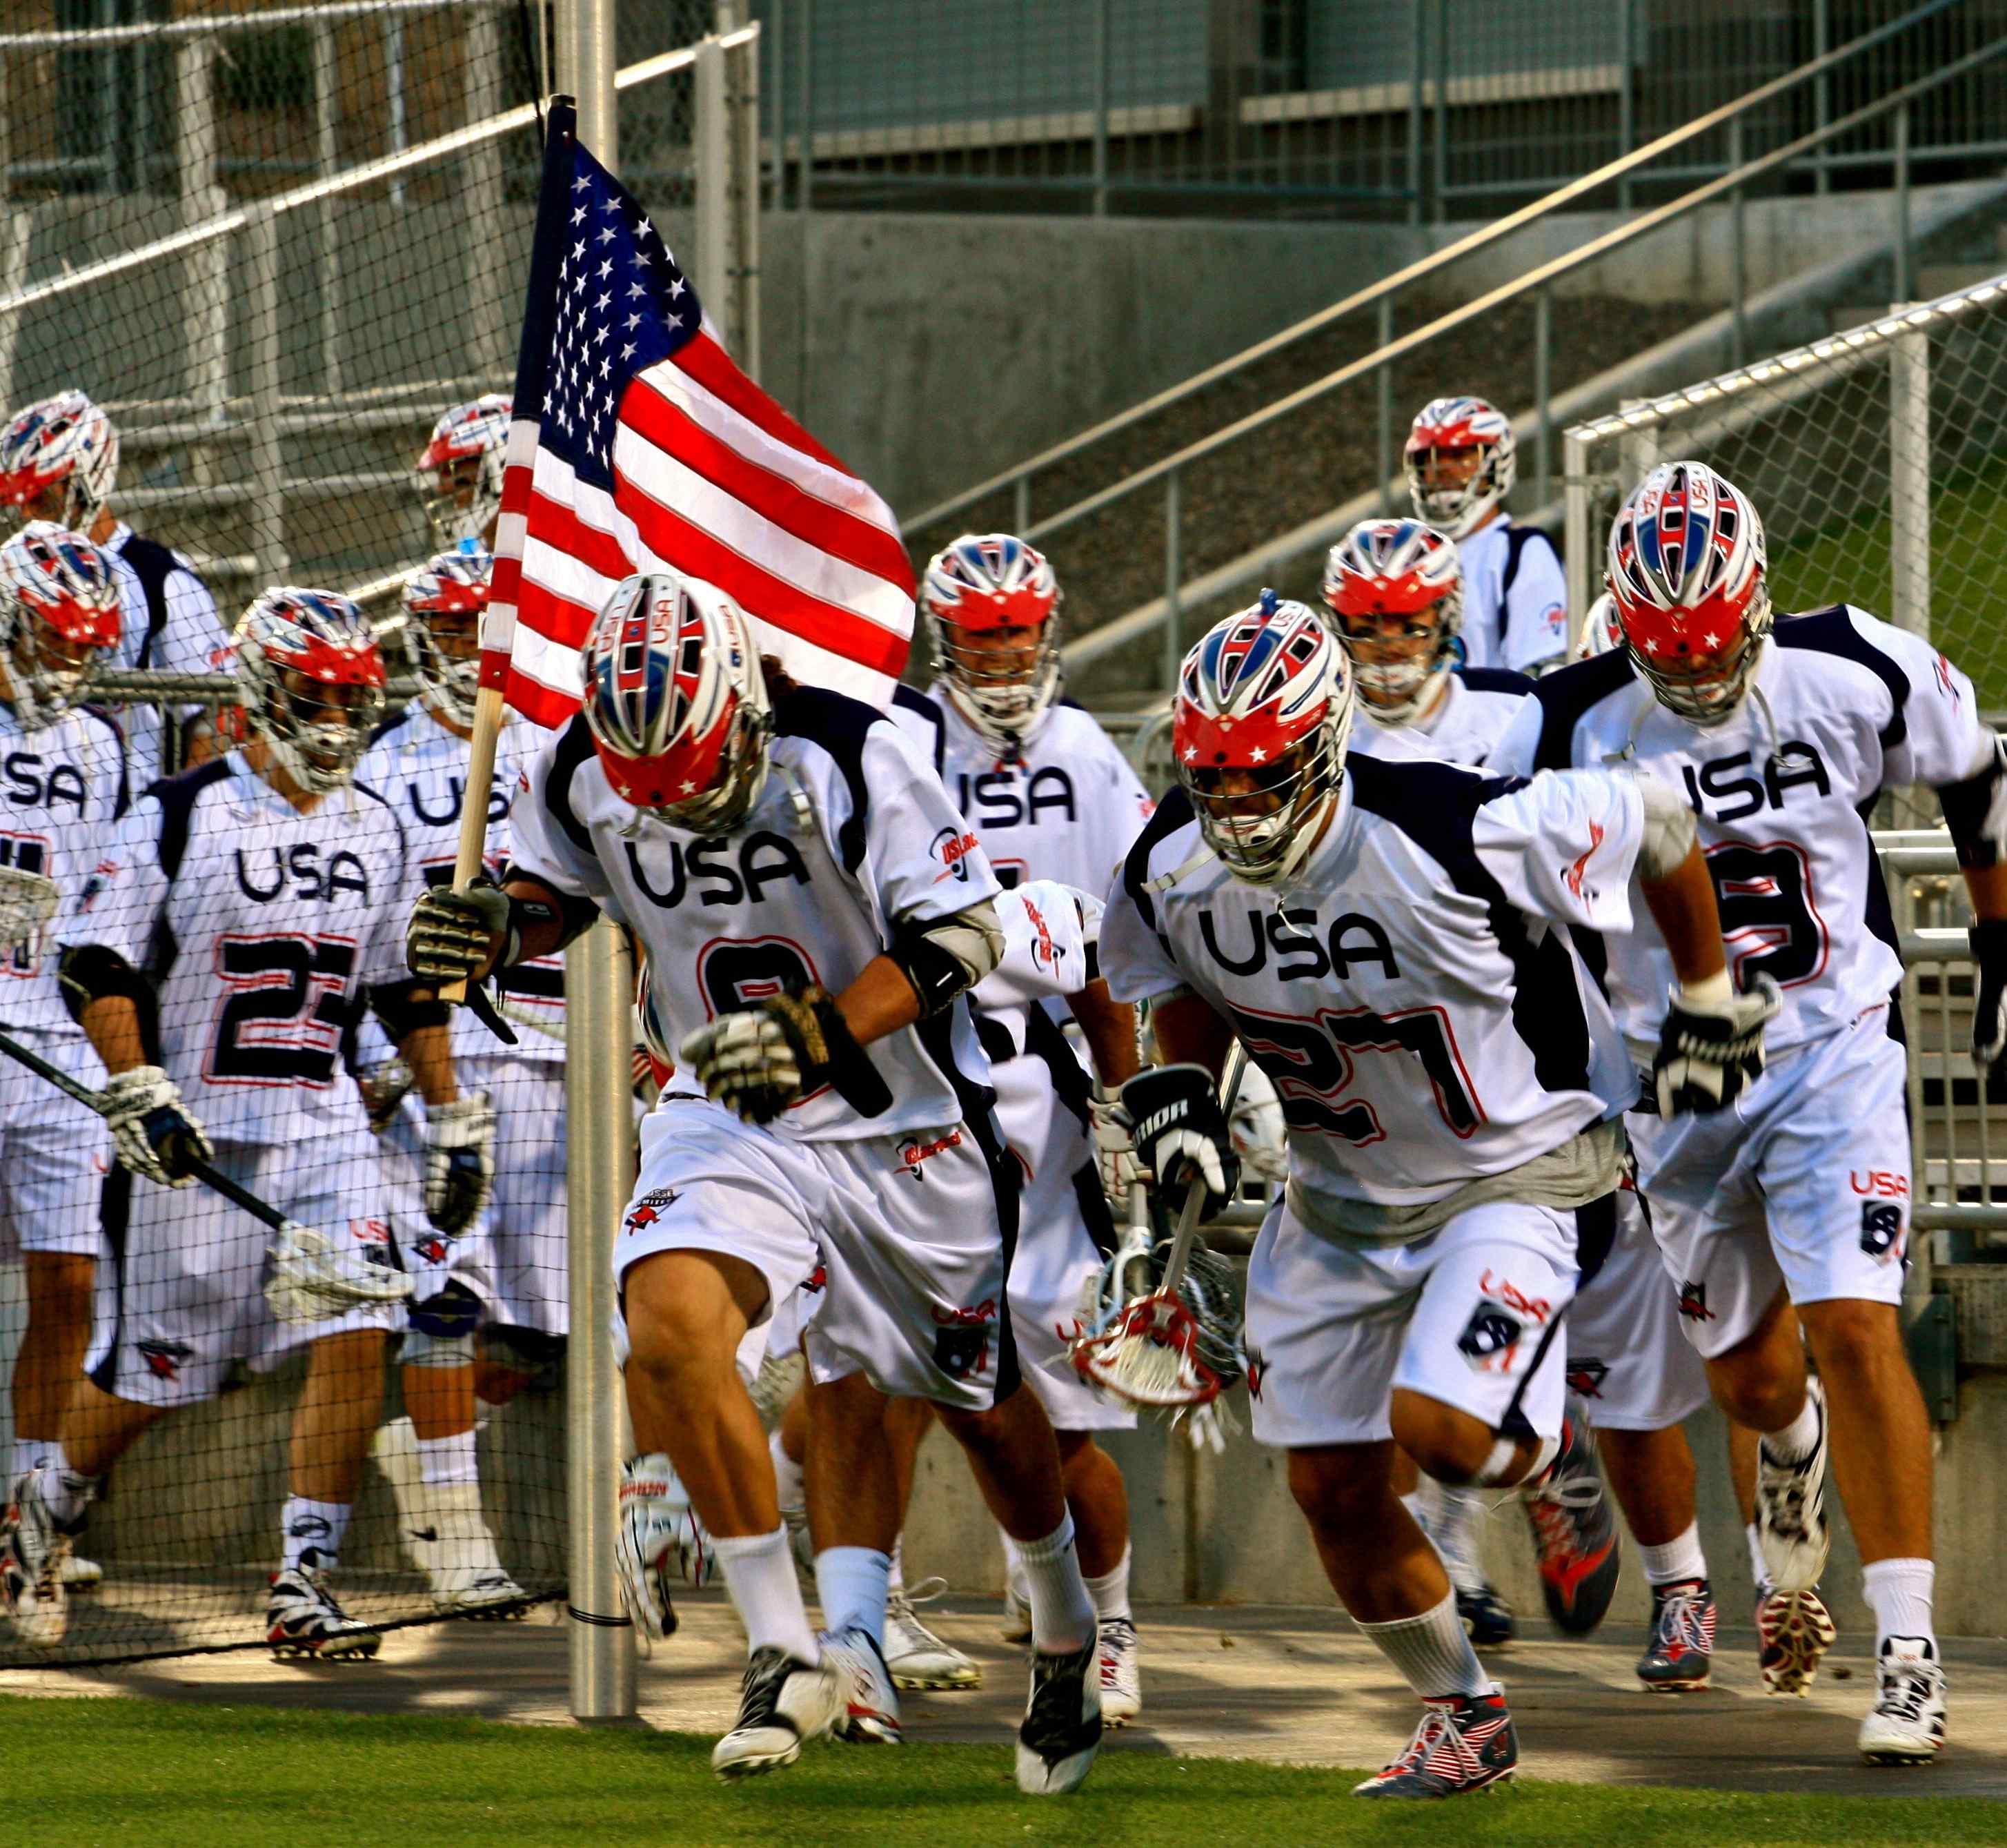 USA Lacrosse Wallpaper - WallpaperSafari